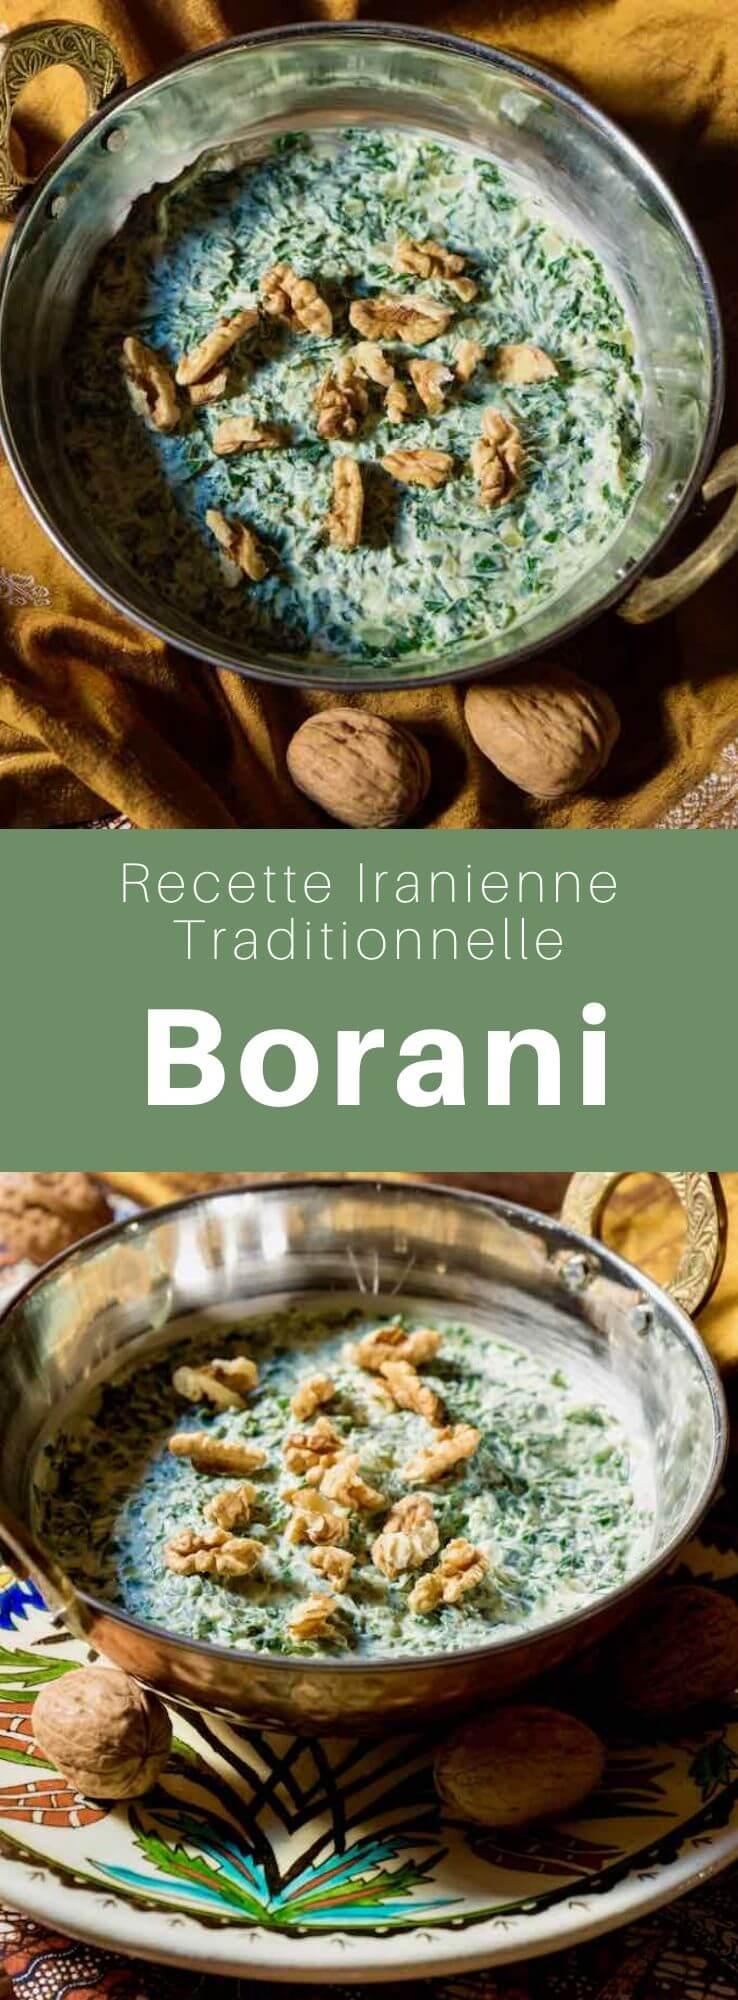 Le borani ou bourani est une entrée traditionnelle de la cuisine iranienne à base de yaourt et d'épinards, également courant dans la cuisine juive perse et en Turquie. #Turquie #RecetteTurque #CuisineTurque #CuisineDuMonde #196flavors